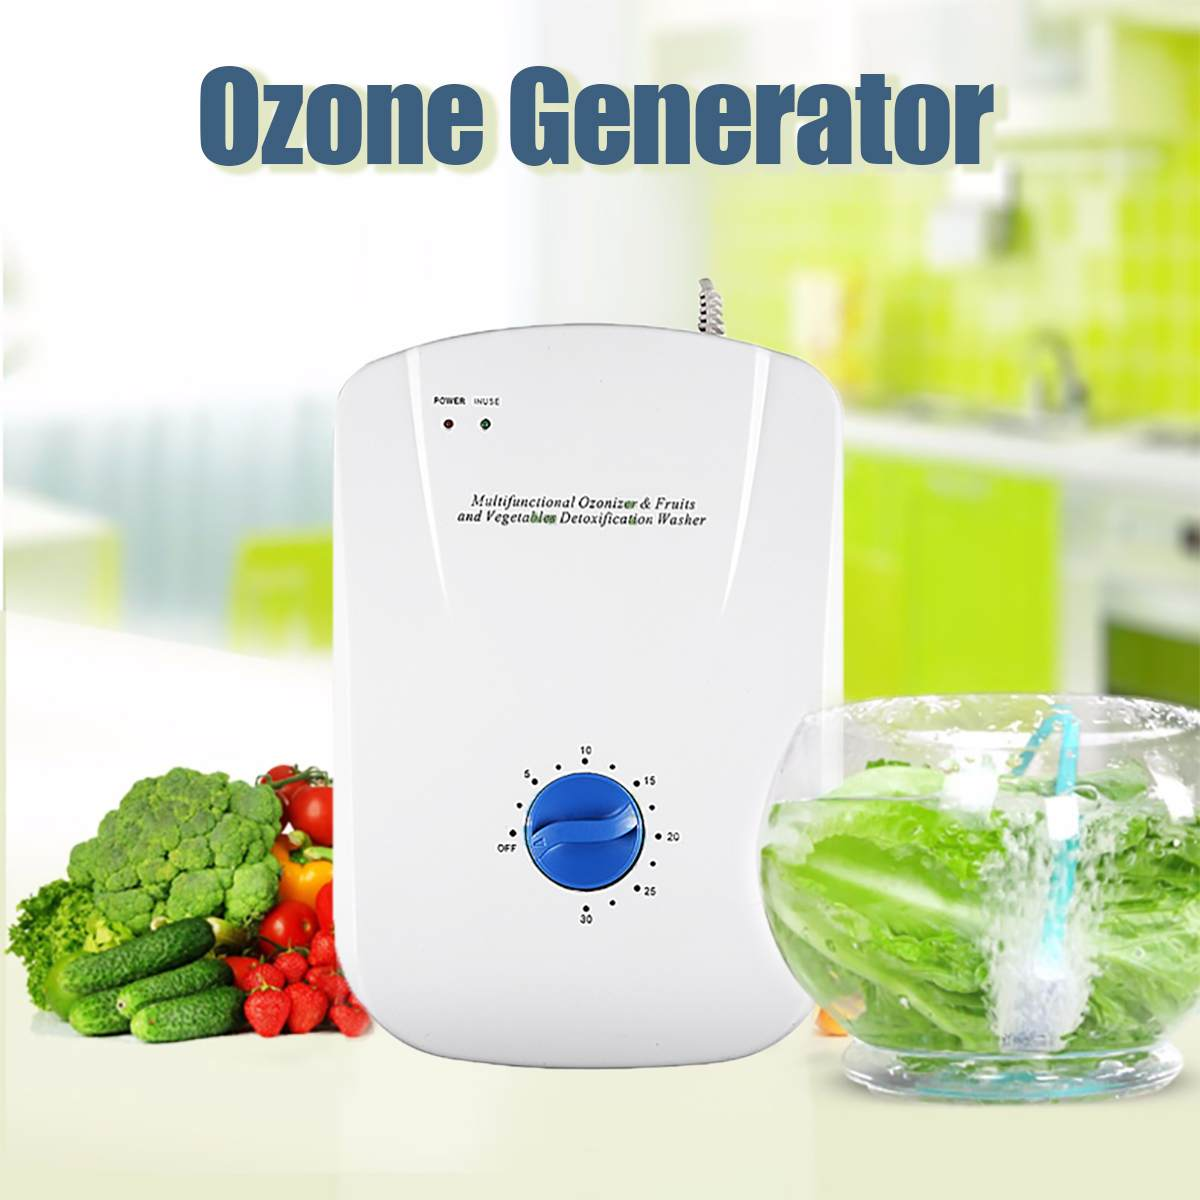 Портативный генератор активного озона стерилизатор очиститель воздуха Очистка фруктов овощей вода для приготовления пищи озонатор иониза...